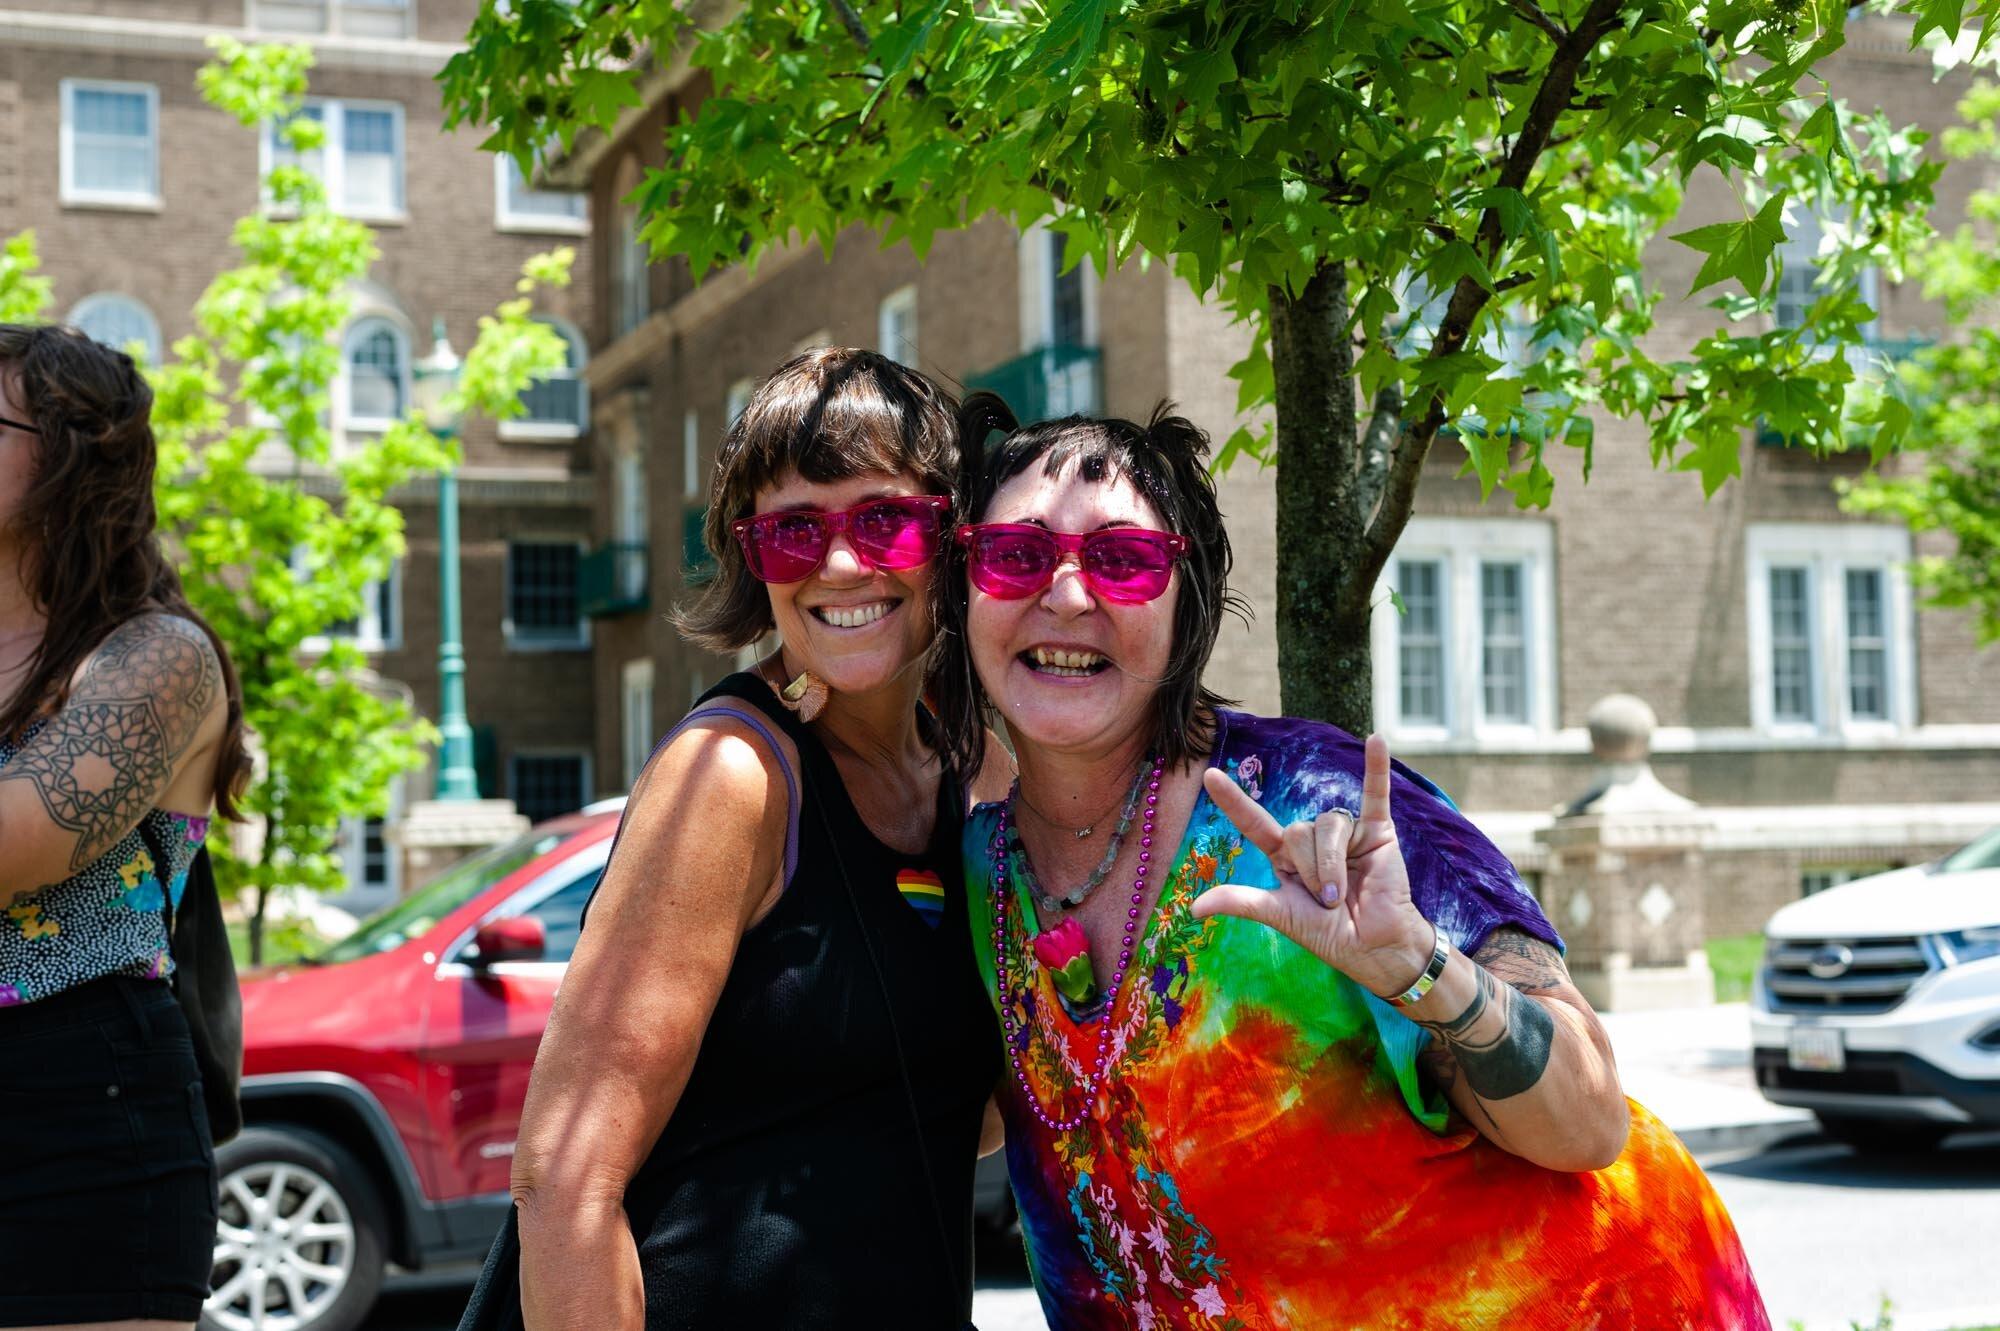 Emily Lewis Creative_Baltimore Pride Parade_2019-06-15-63.jpg